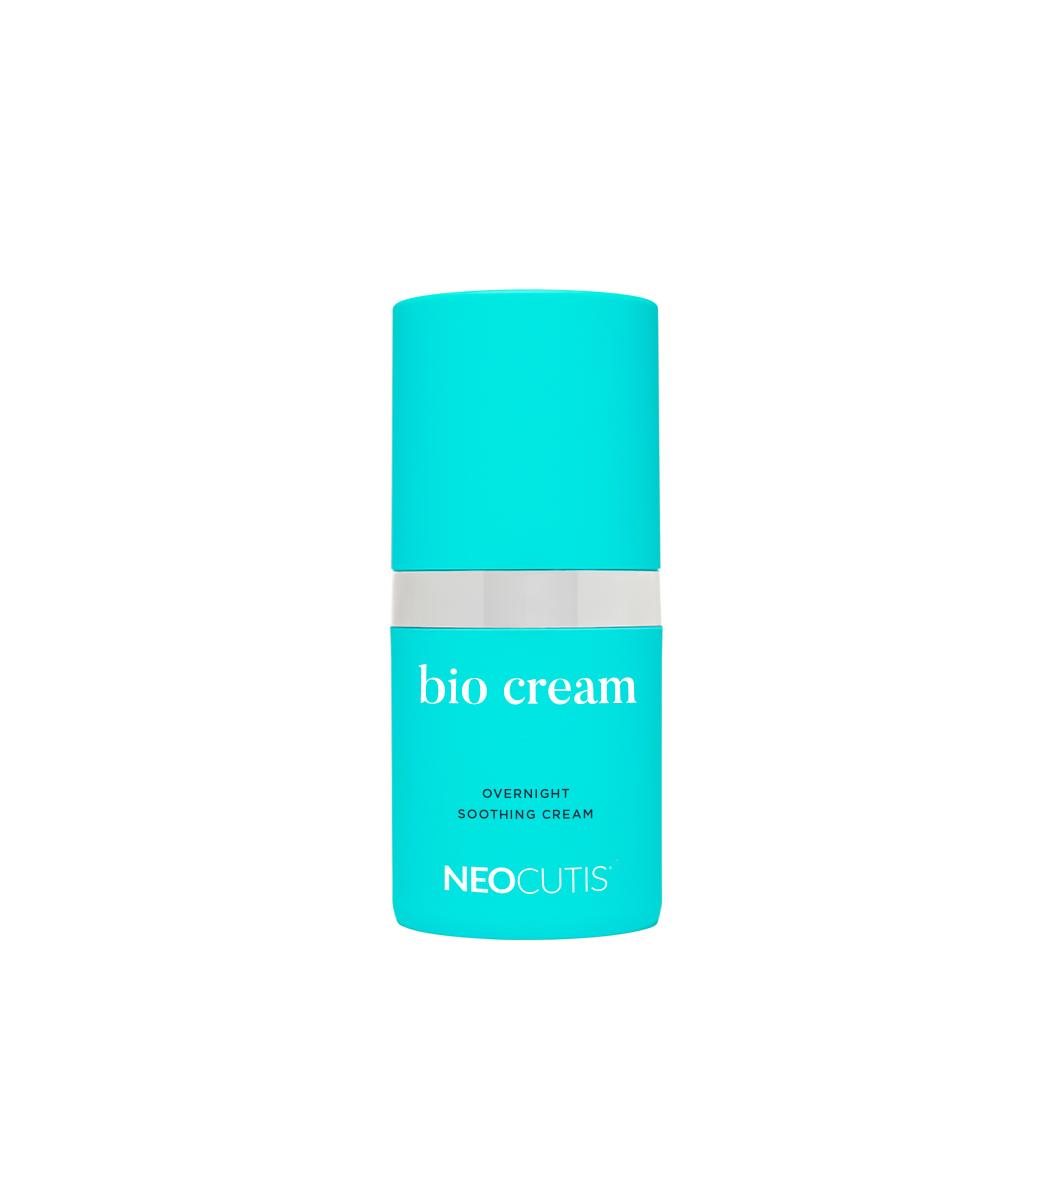 bio-cream